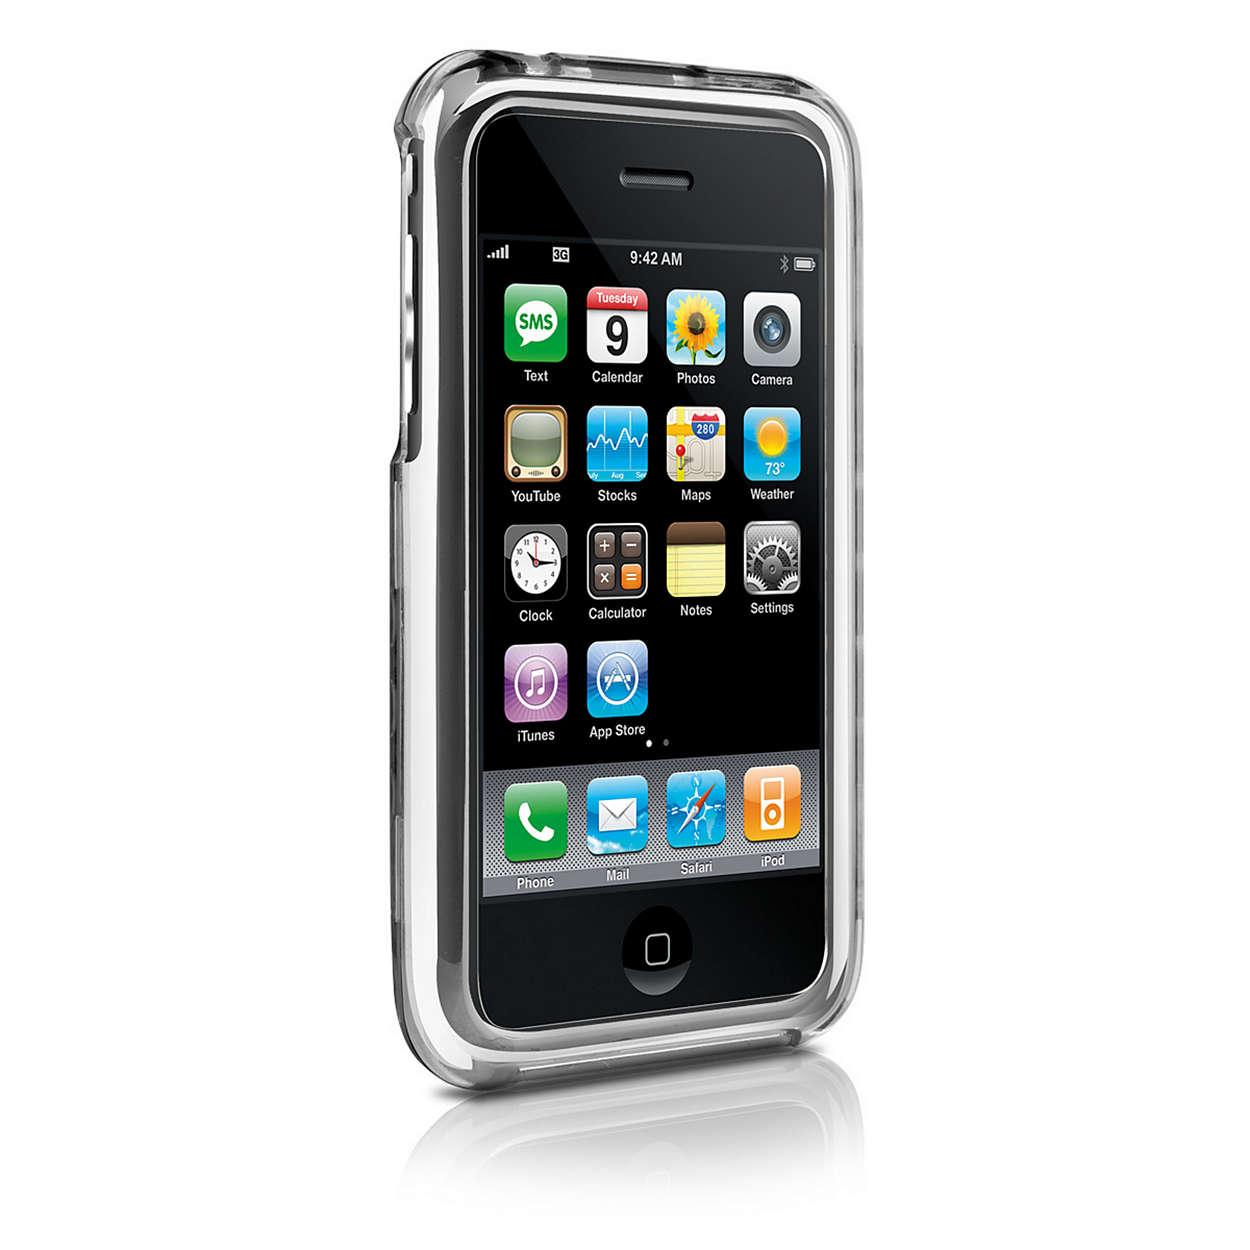 Doorzichtige bescherming voor uw iPhone